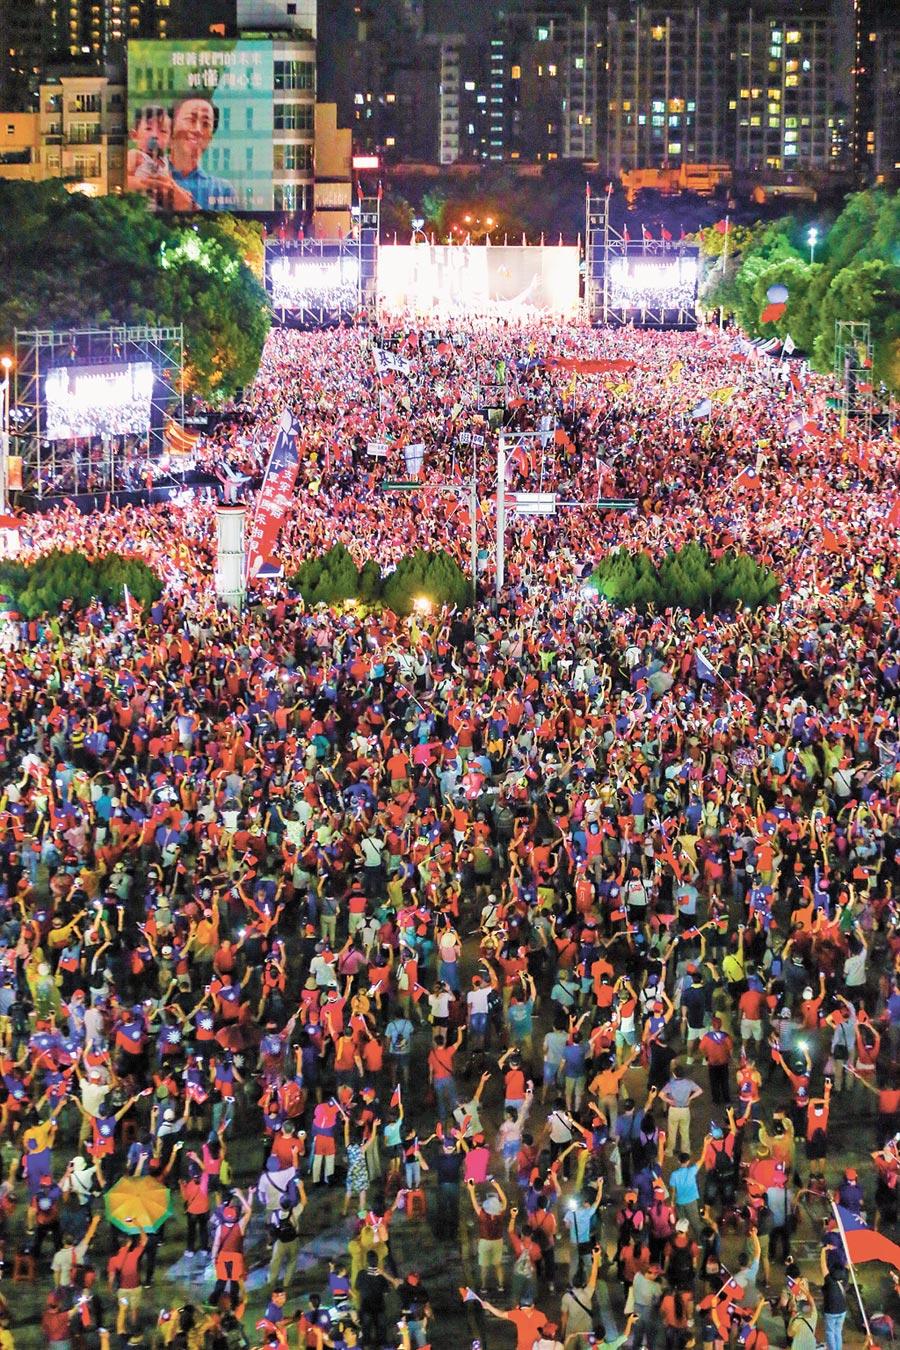 韓國瑜新竹封關場晚會上演經典大合唱,現場亮起手機燈海。(本報系記者徐養齡攝)